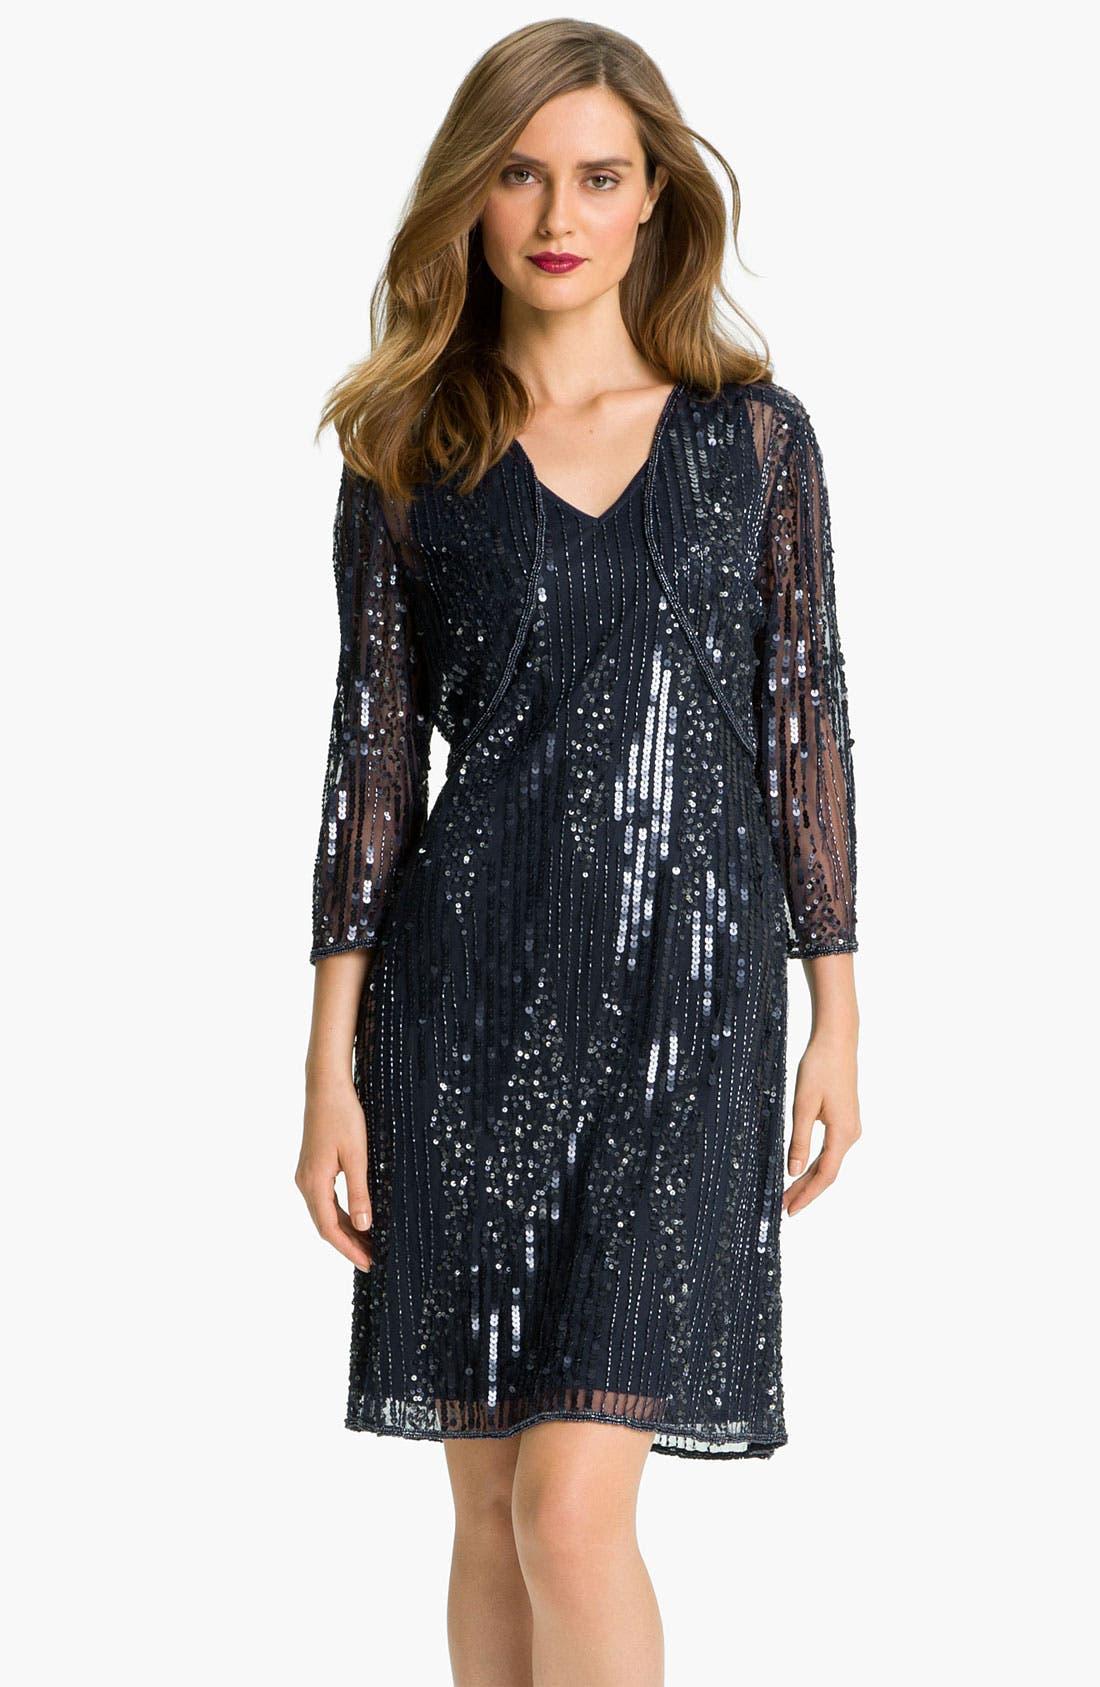 Alternate Image 1 Selected - Patra Embellished Double V-Neck Mesh Dress & Sheer Bolero